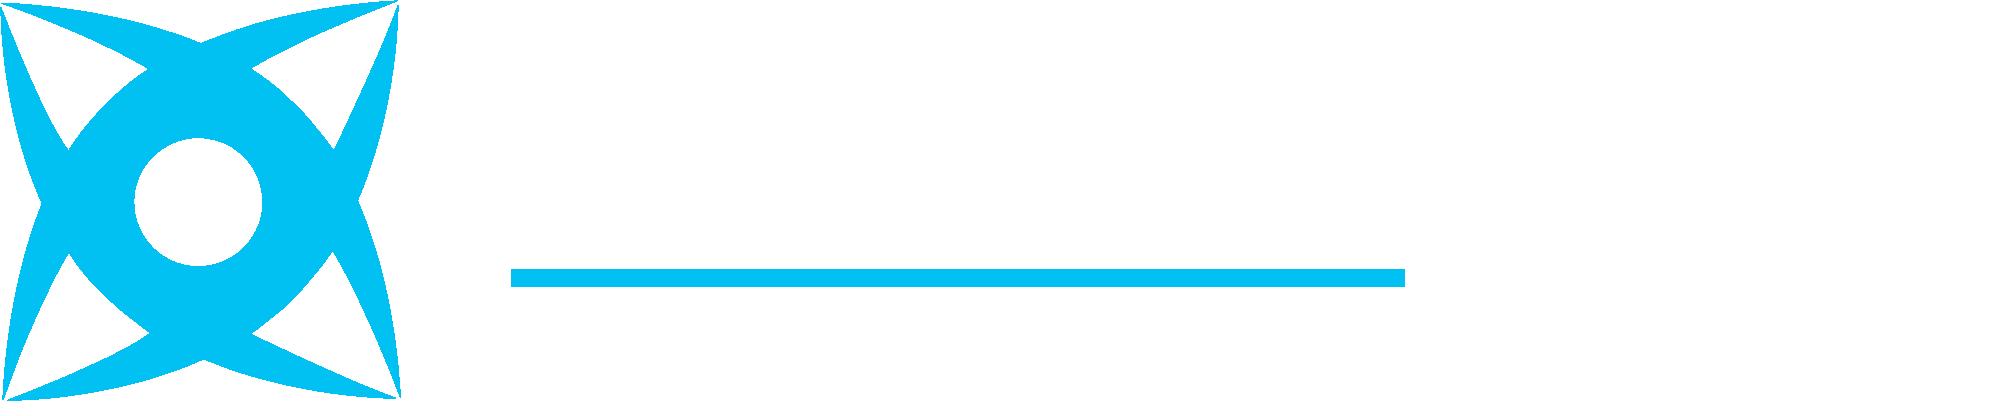 Visionary Pro Digital